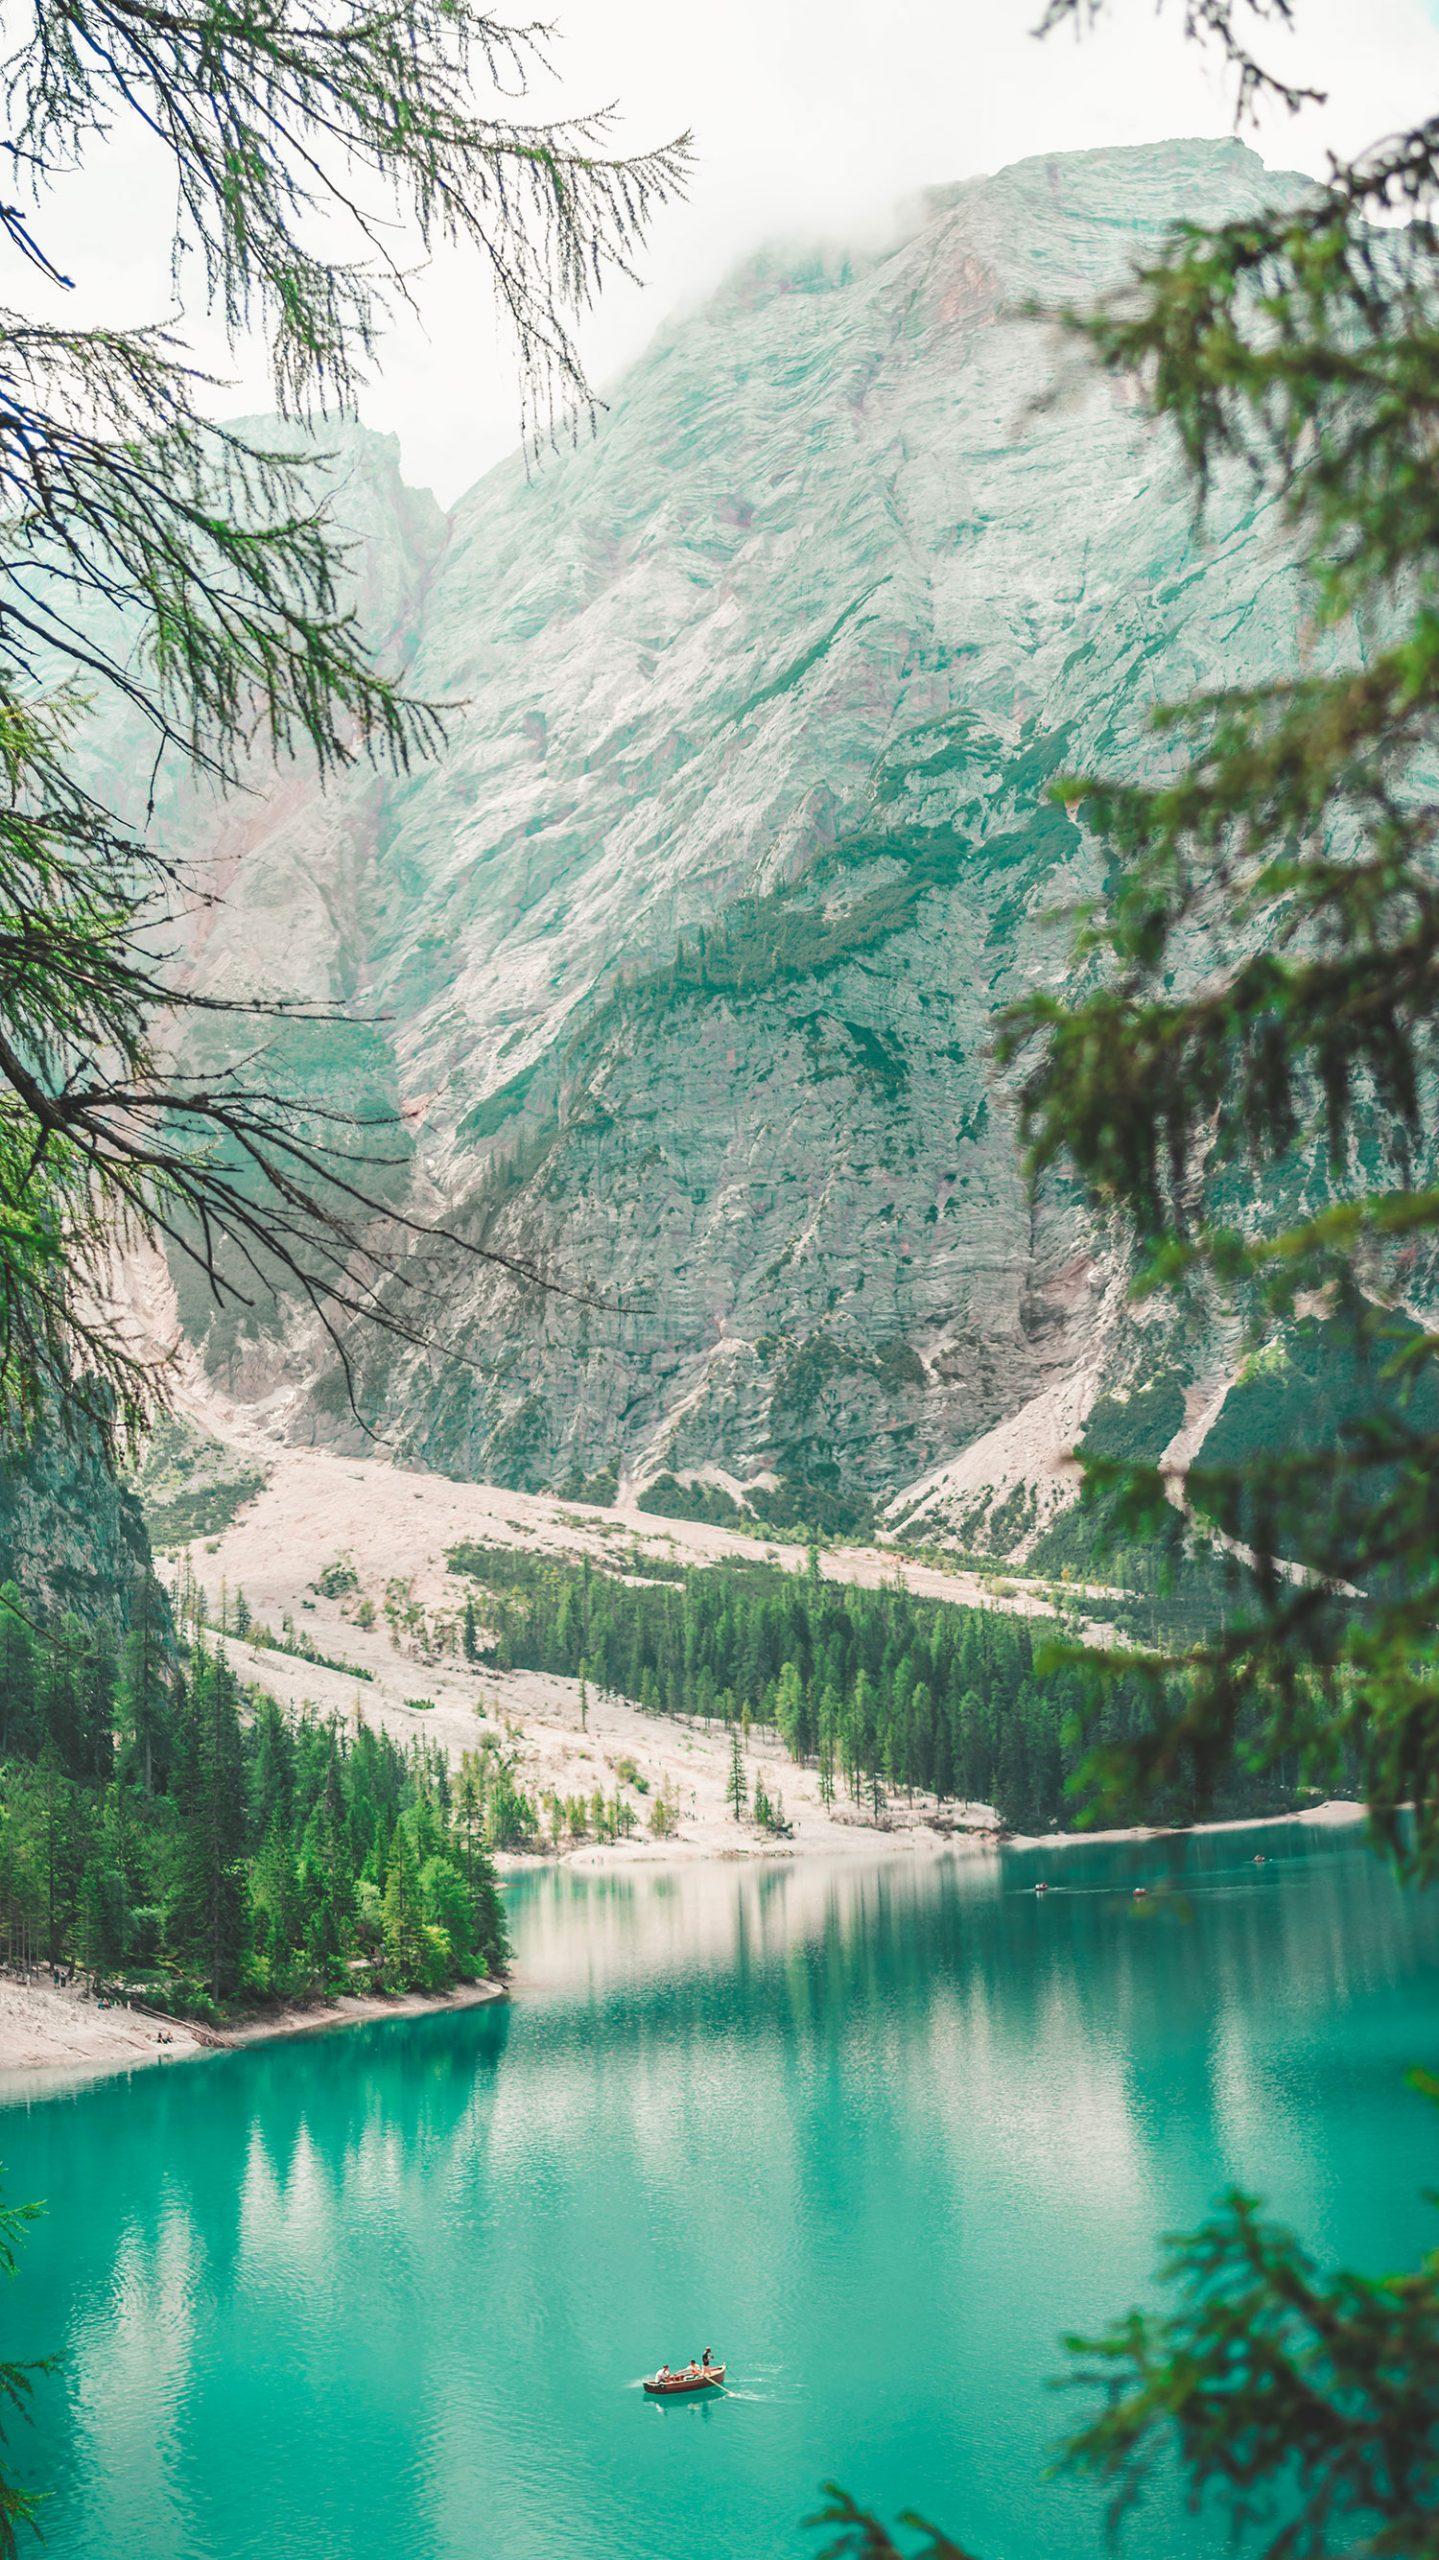 Conseils photo paysage : échelle.